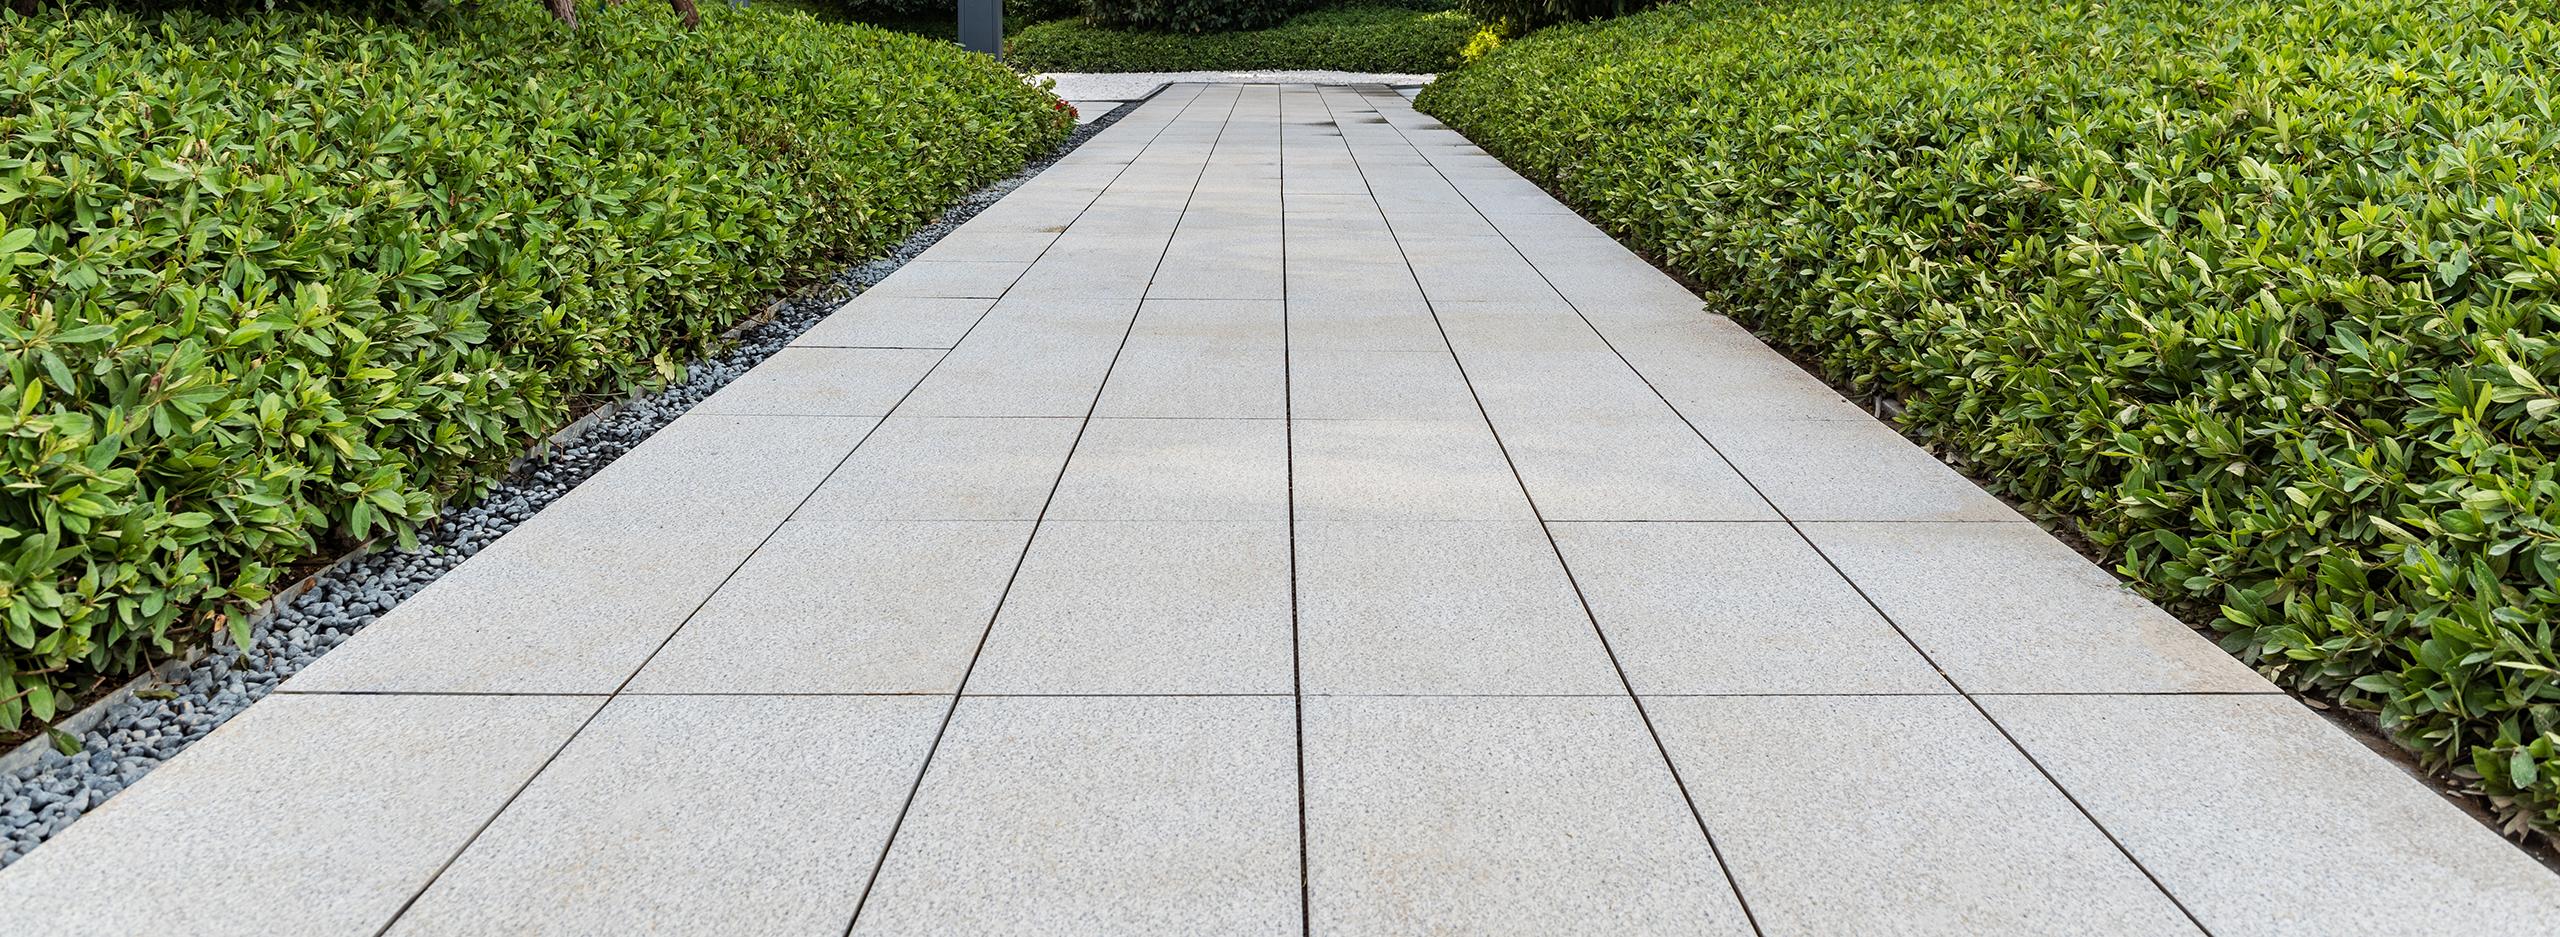 Moderne Gartenweggestaltung mit Betonplatten